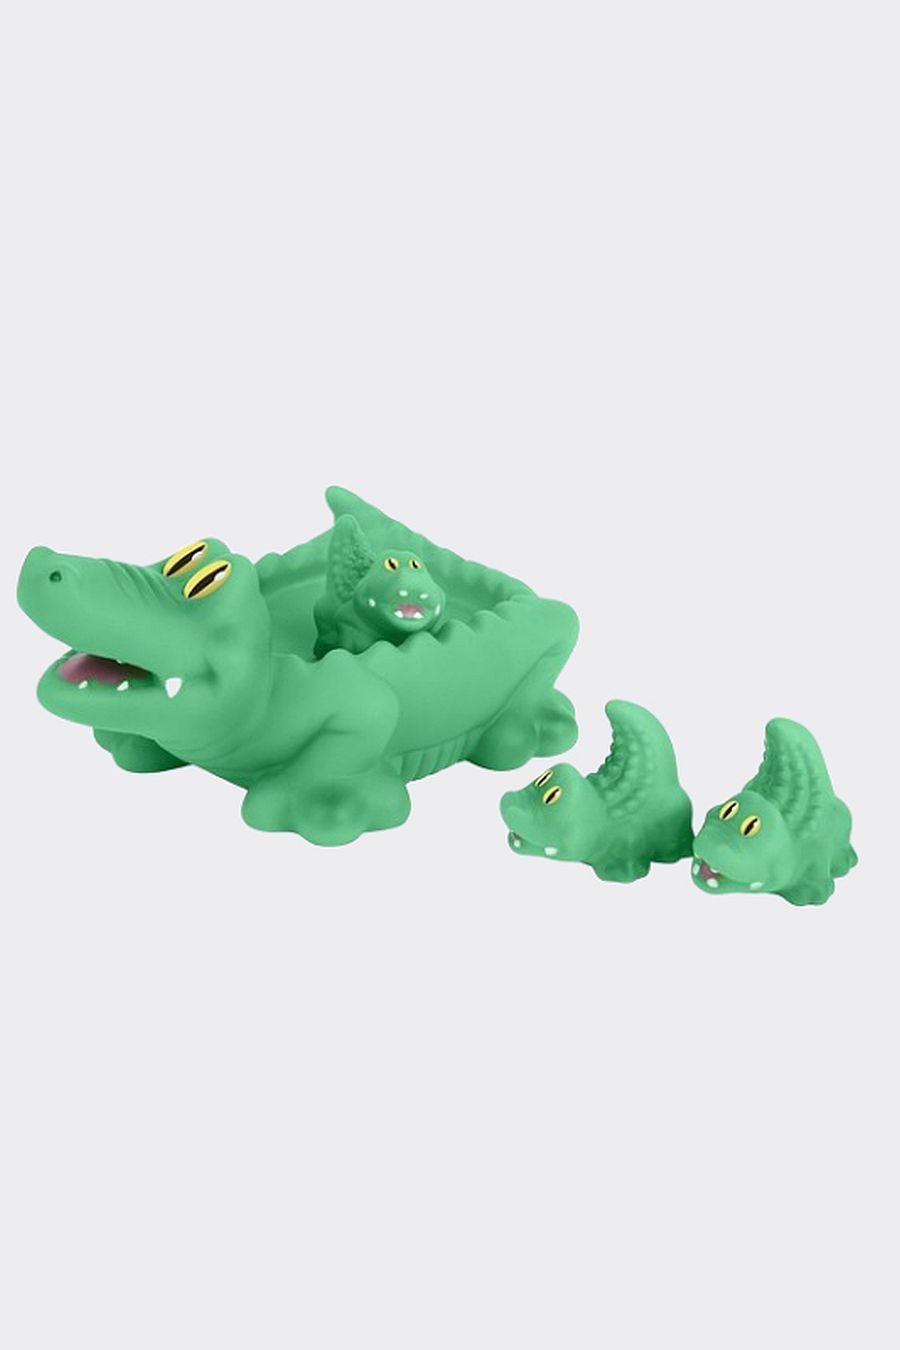 Sunny Life Croc Family Bath Toys